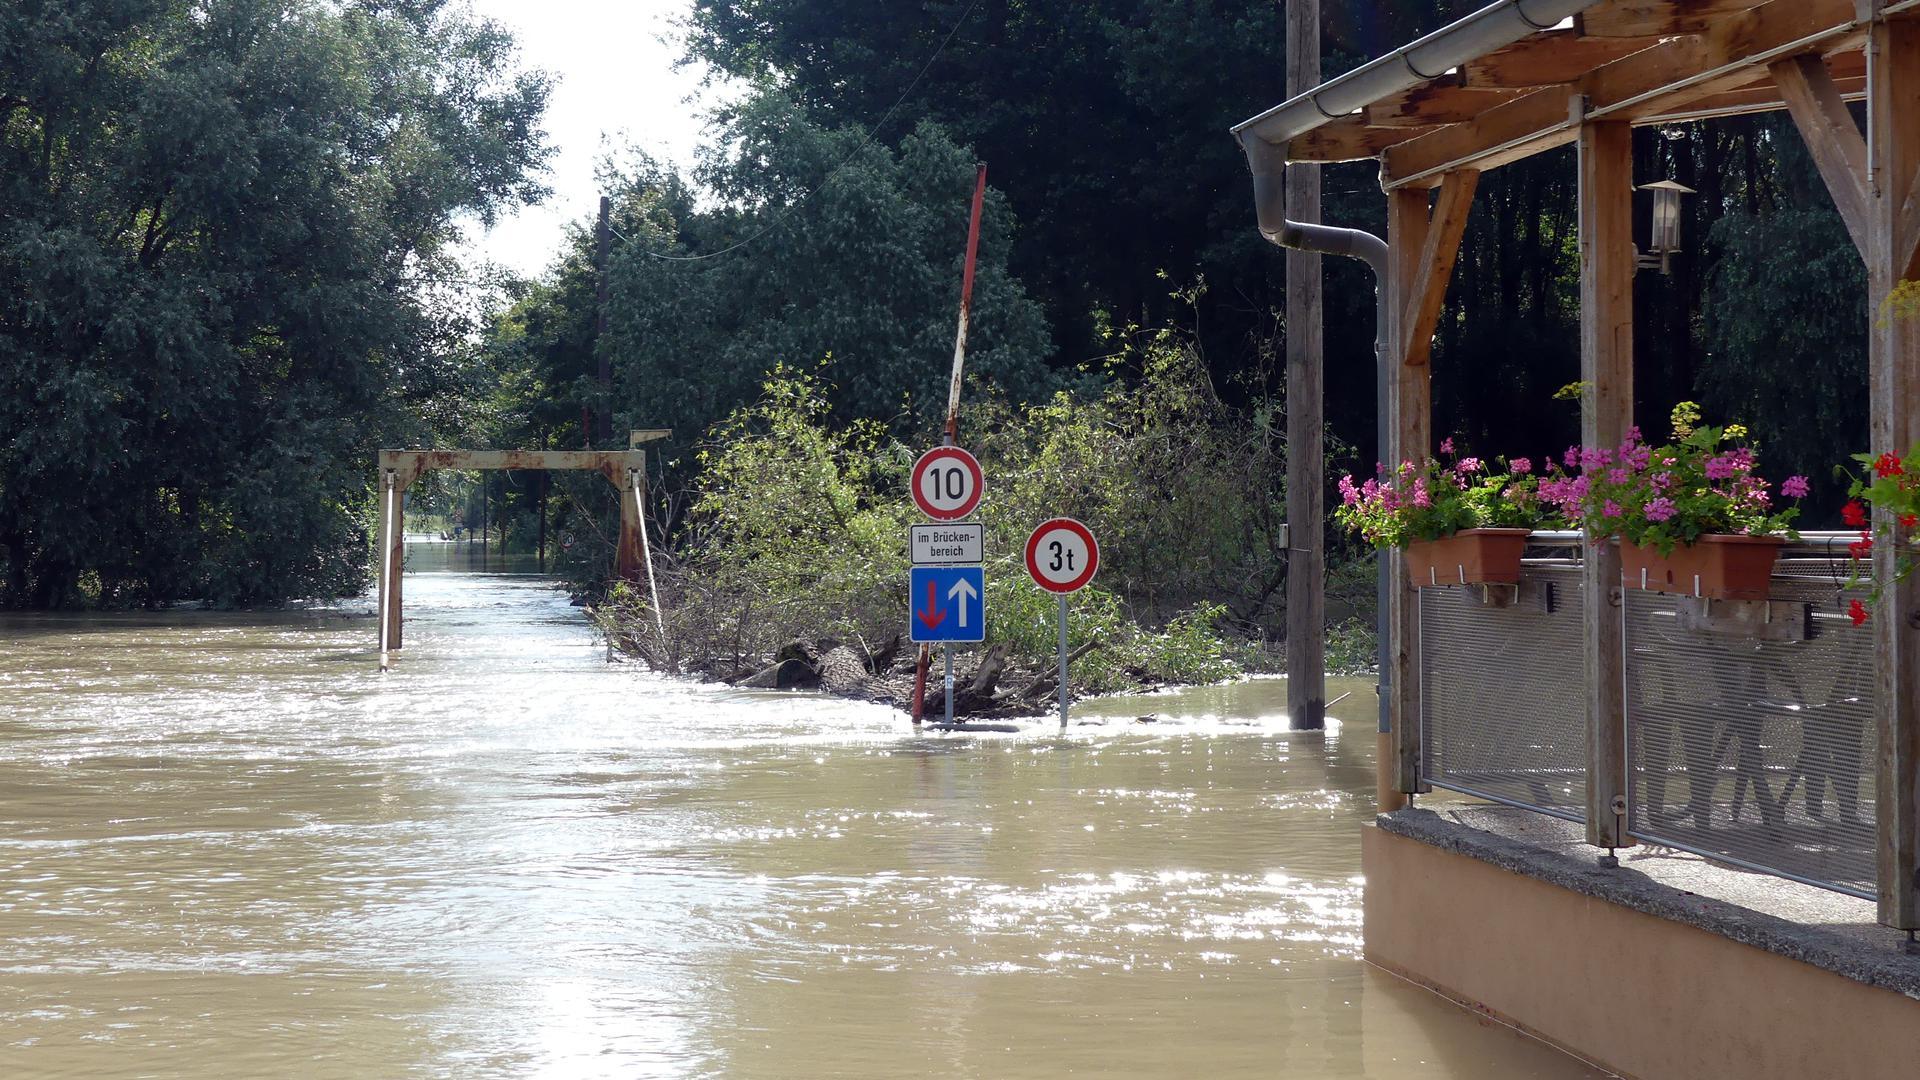 Brücke auf Insel Rott steht unter Wasser